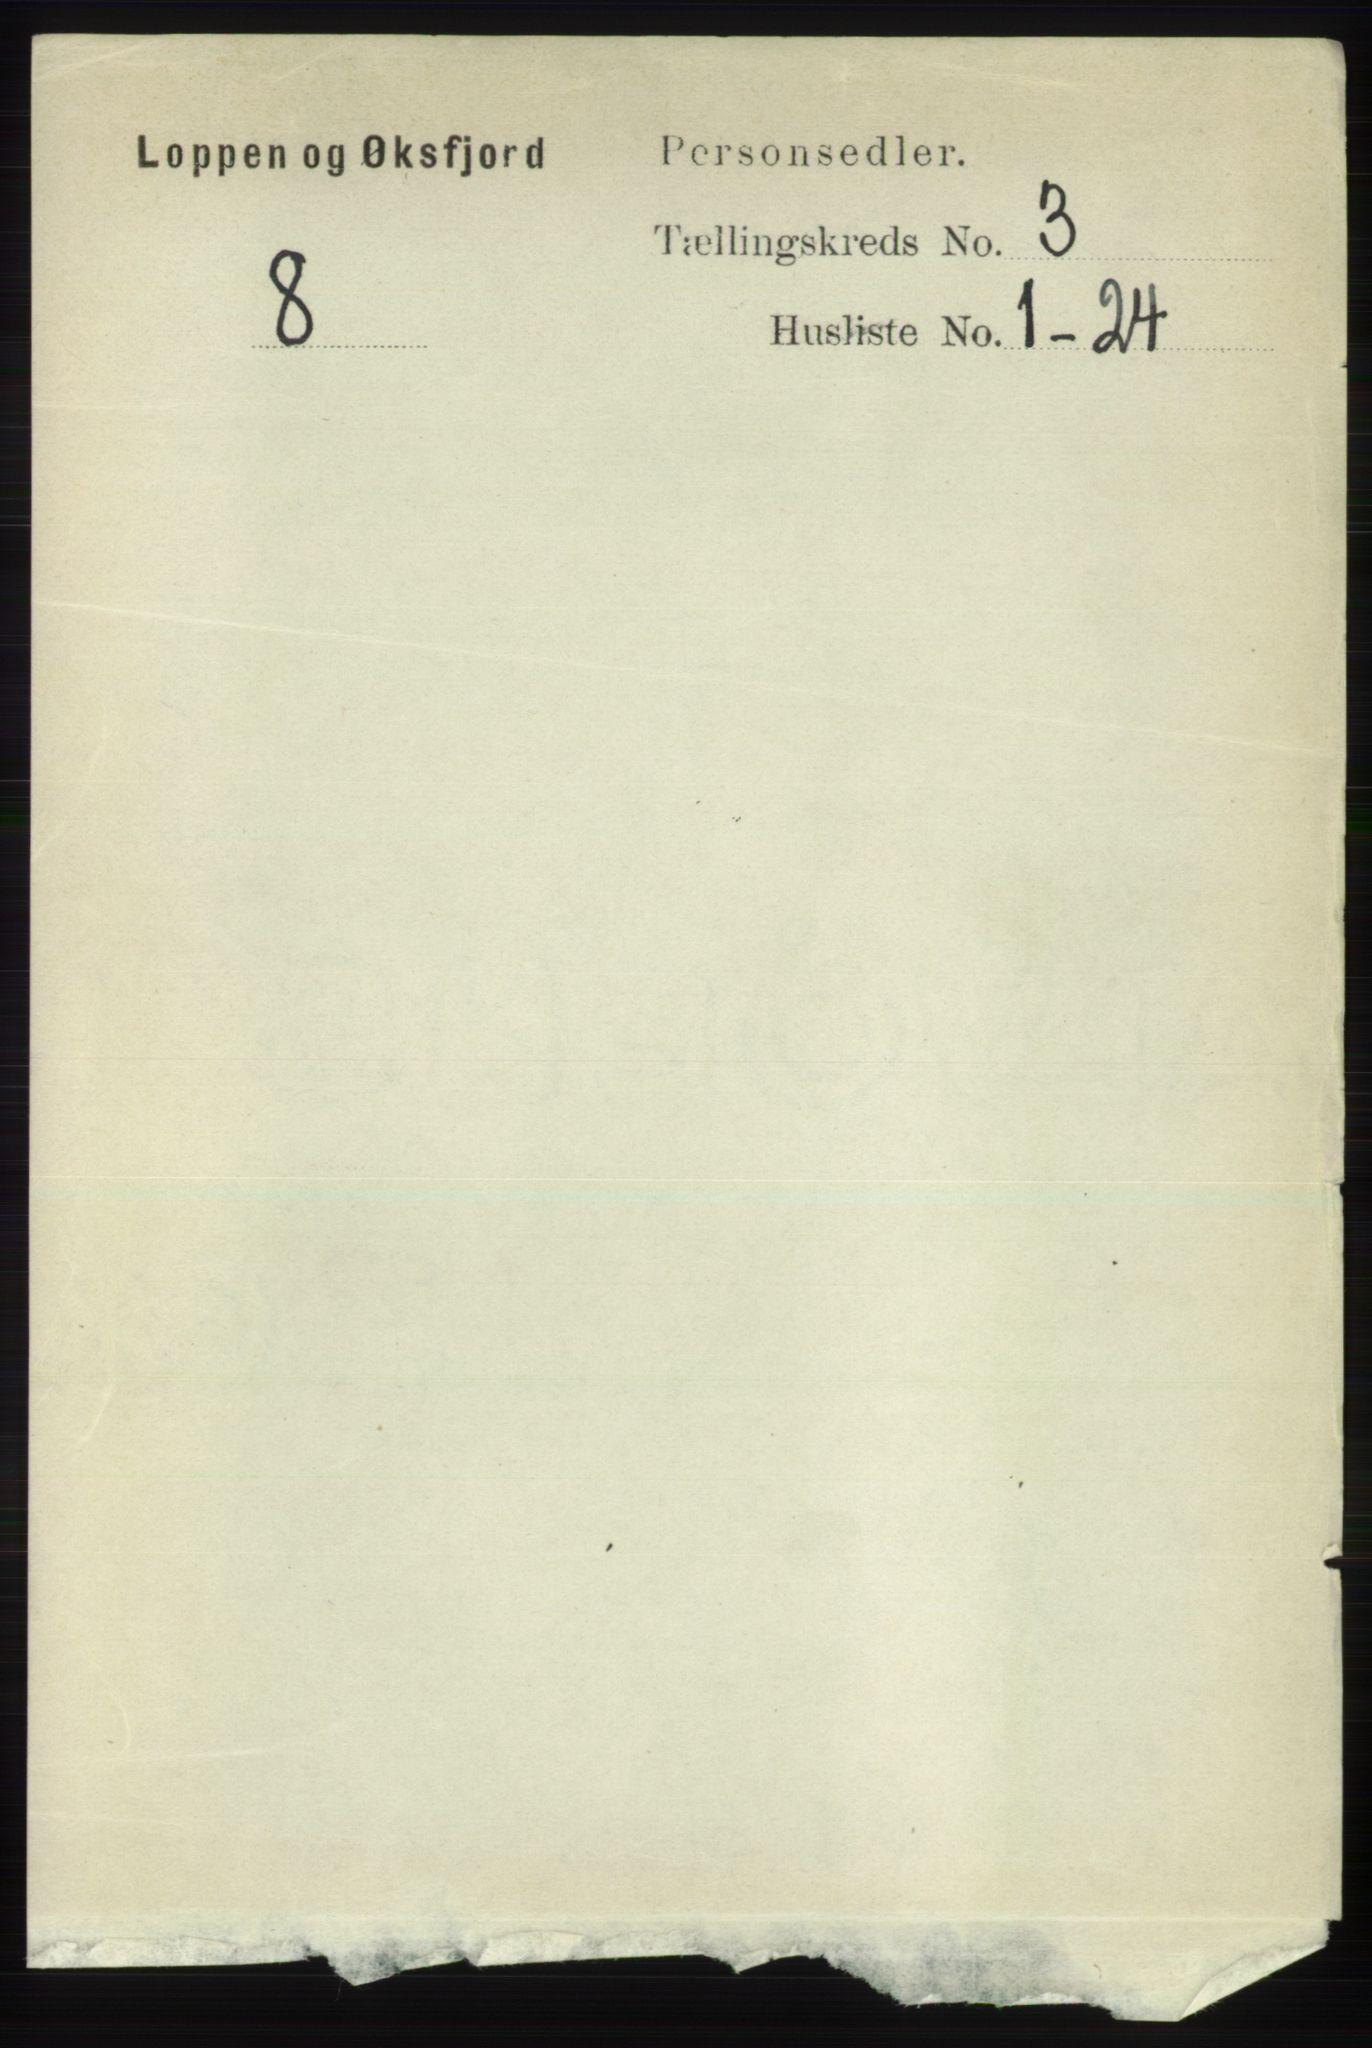 RA, Folketelling 1891 for 2014 Loppa herred, 1891, s. 673